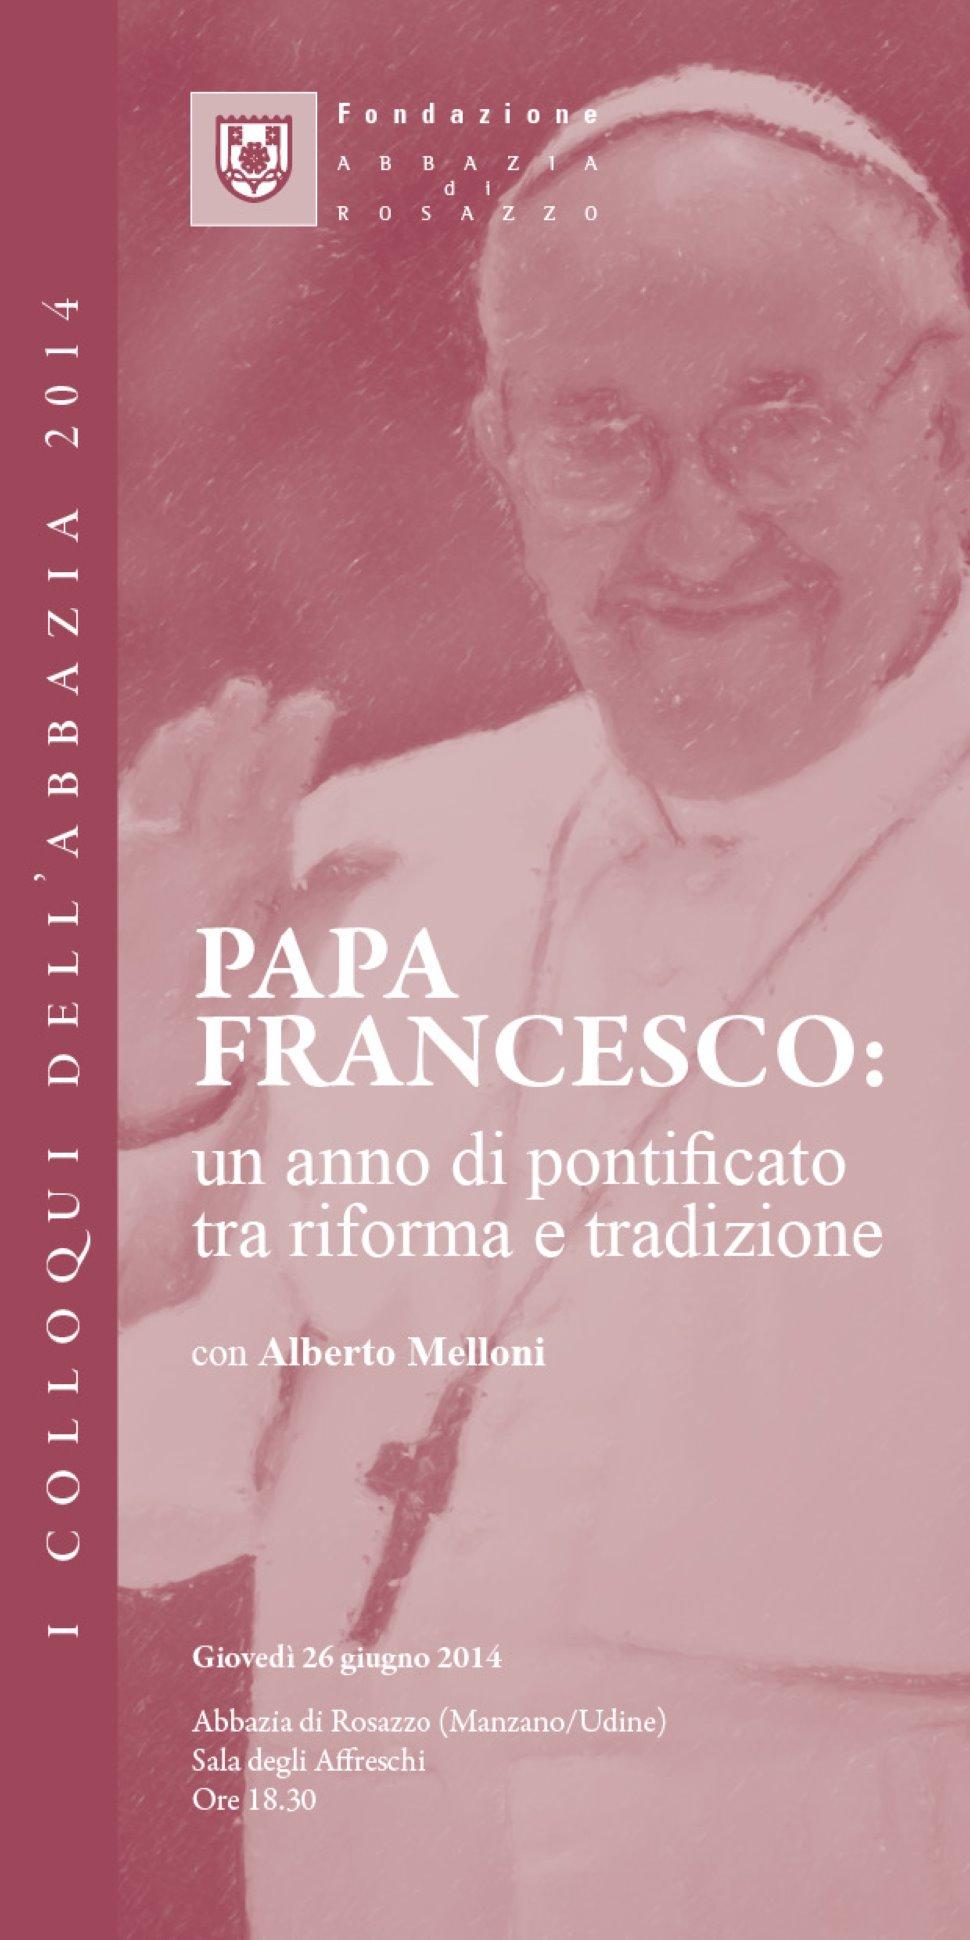 'Papa Francesco: un anno di pontificato tra riforma e tradizione' con Alberto Melloni